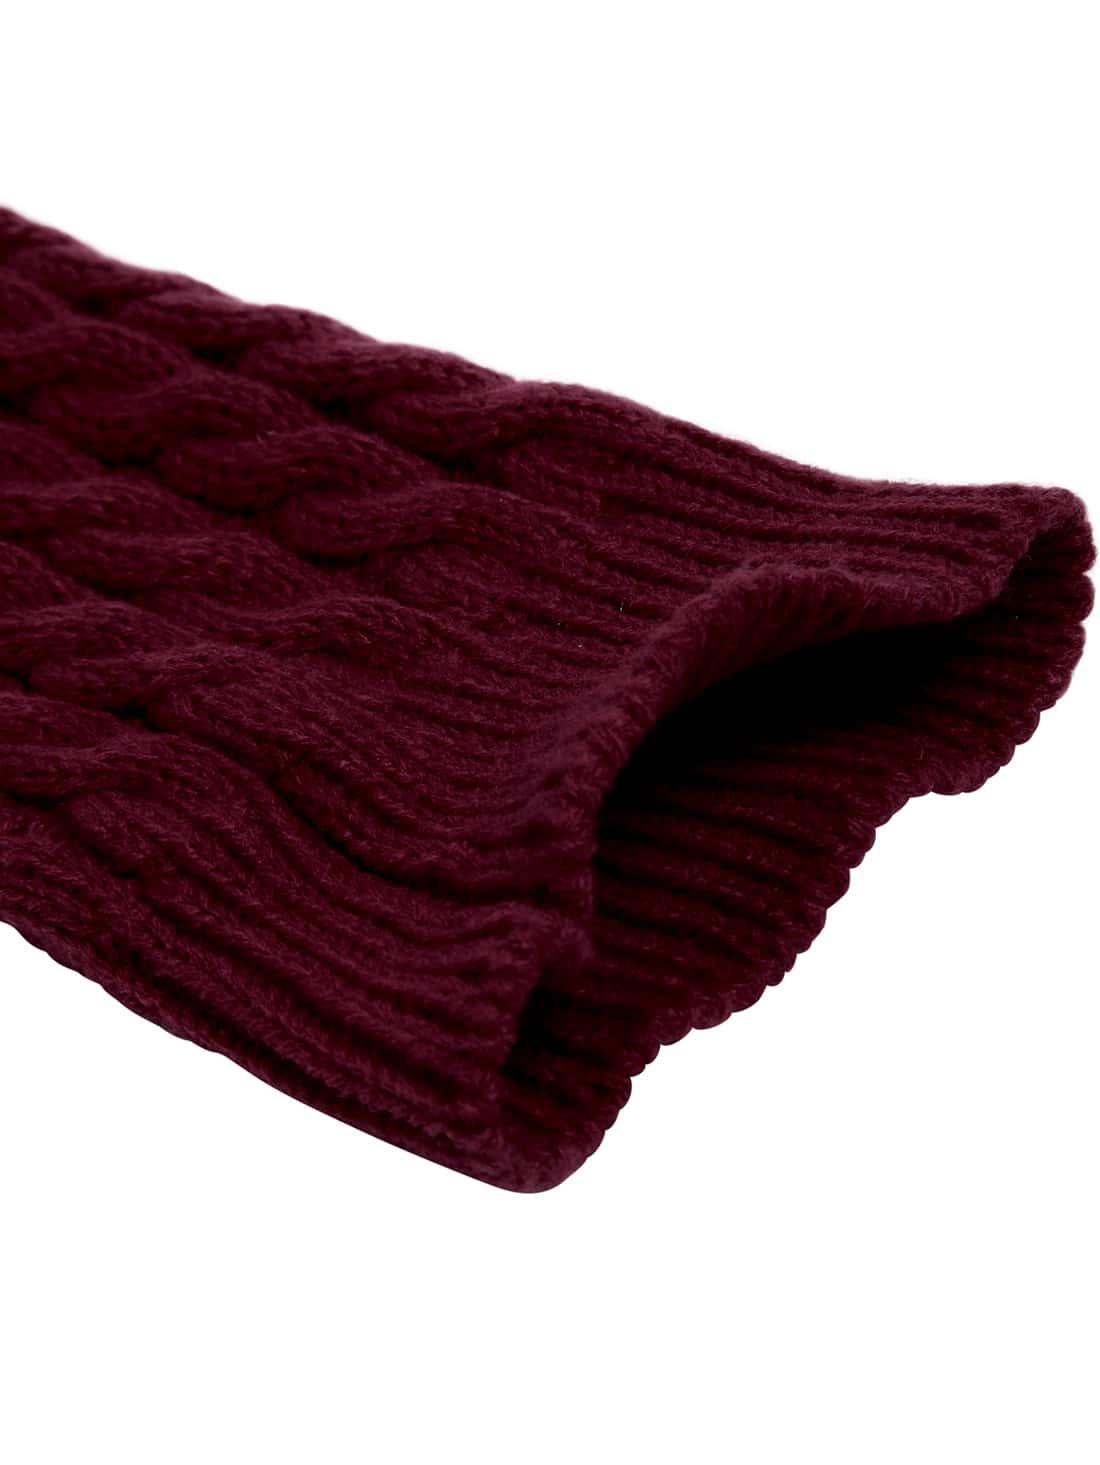 Wine Red Leg Warmers Knitting Crochet Socks -SheIn(Sheinside)